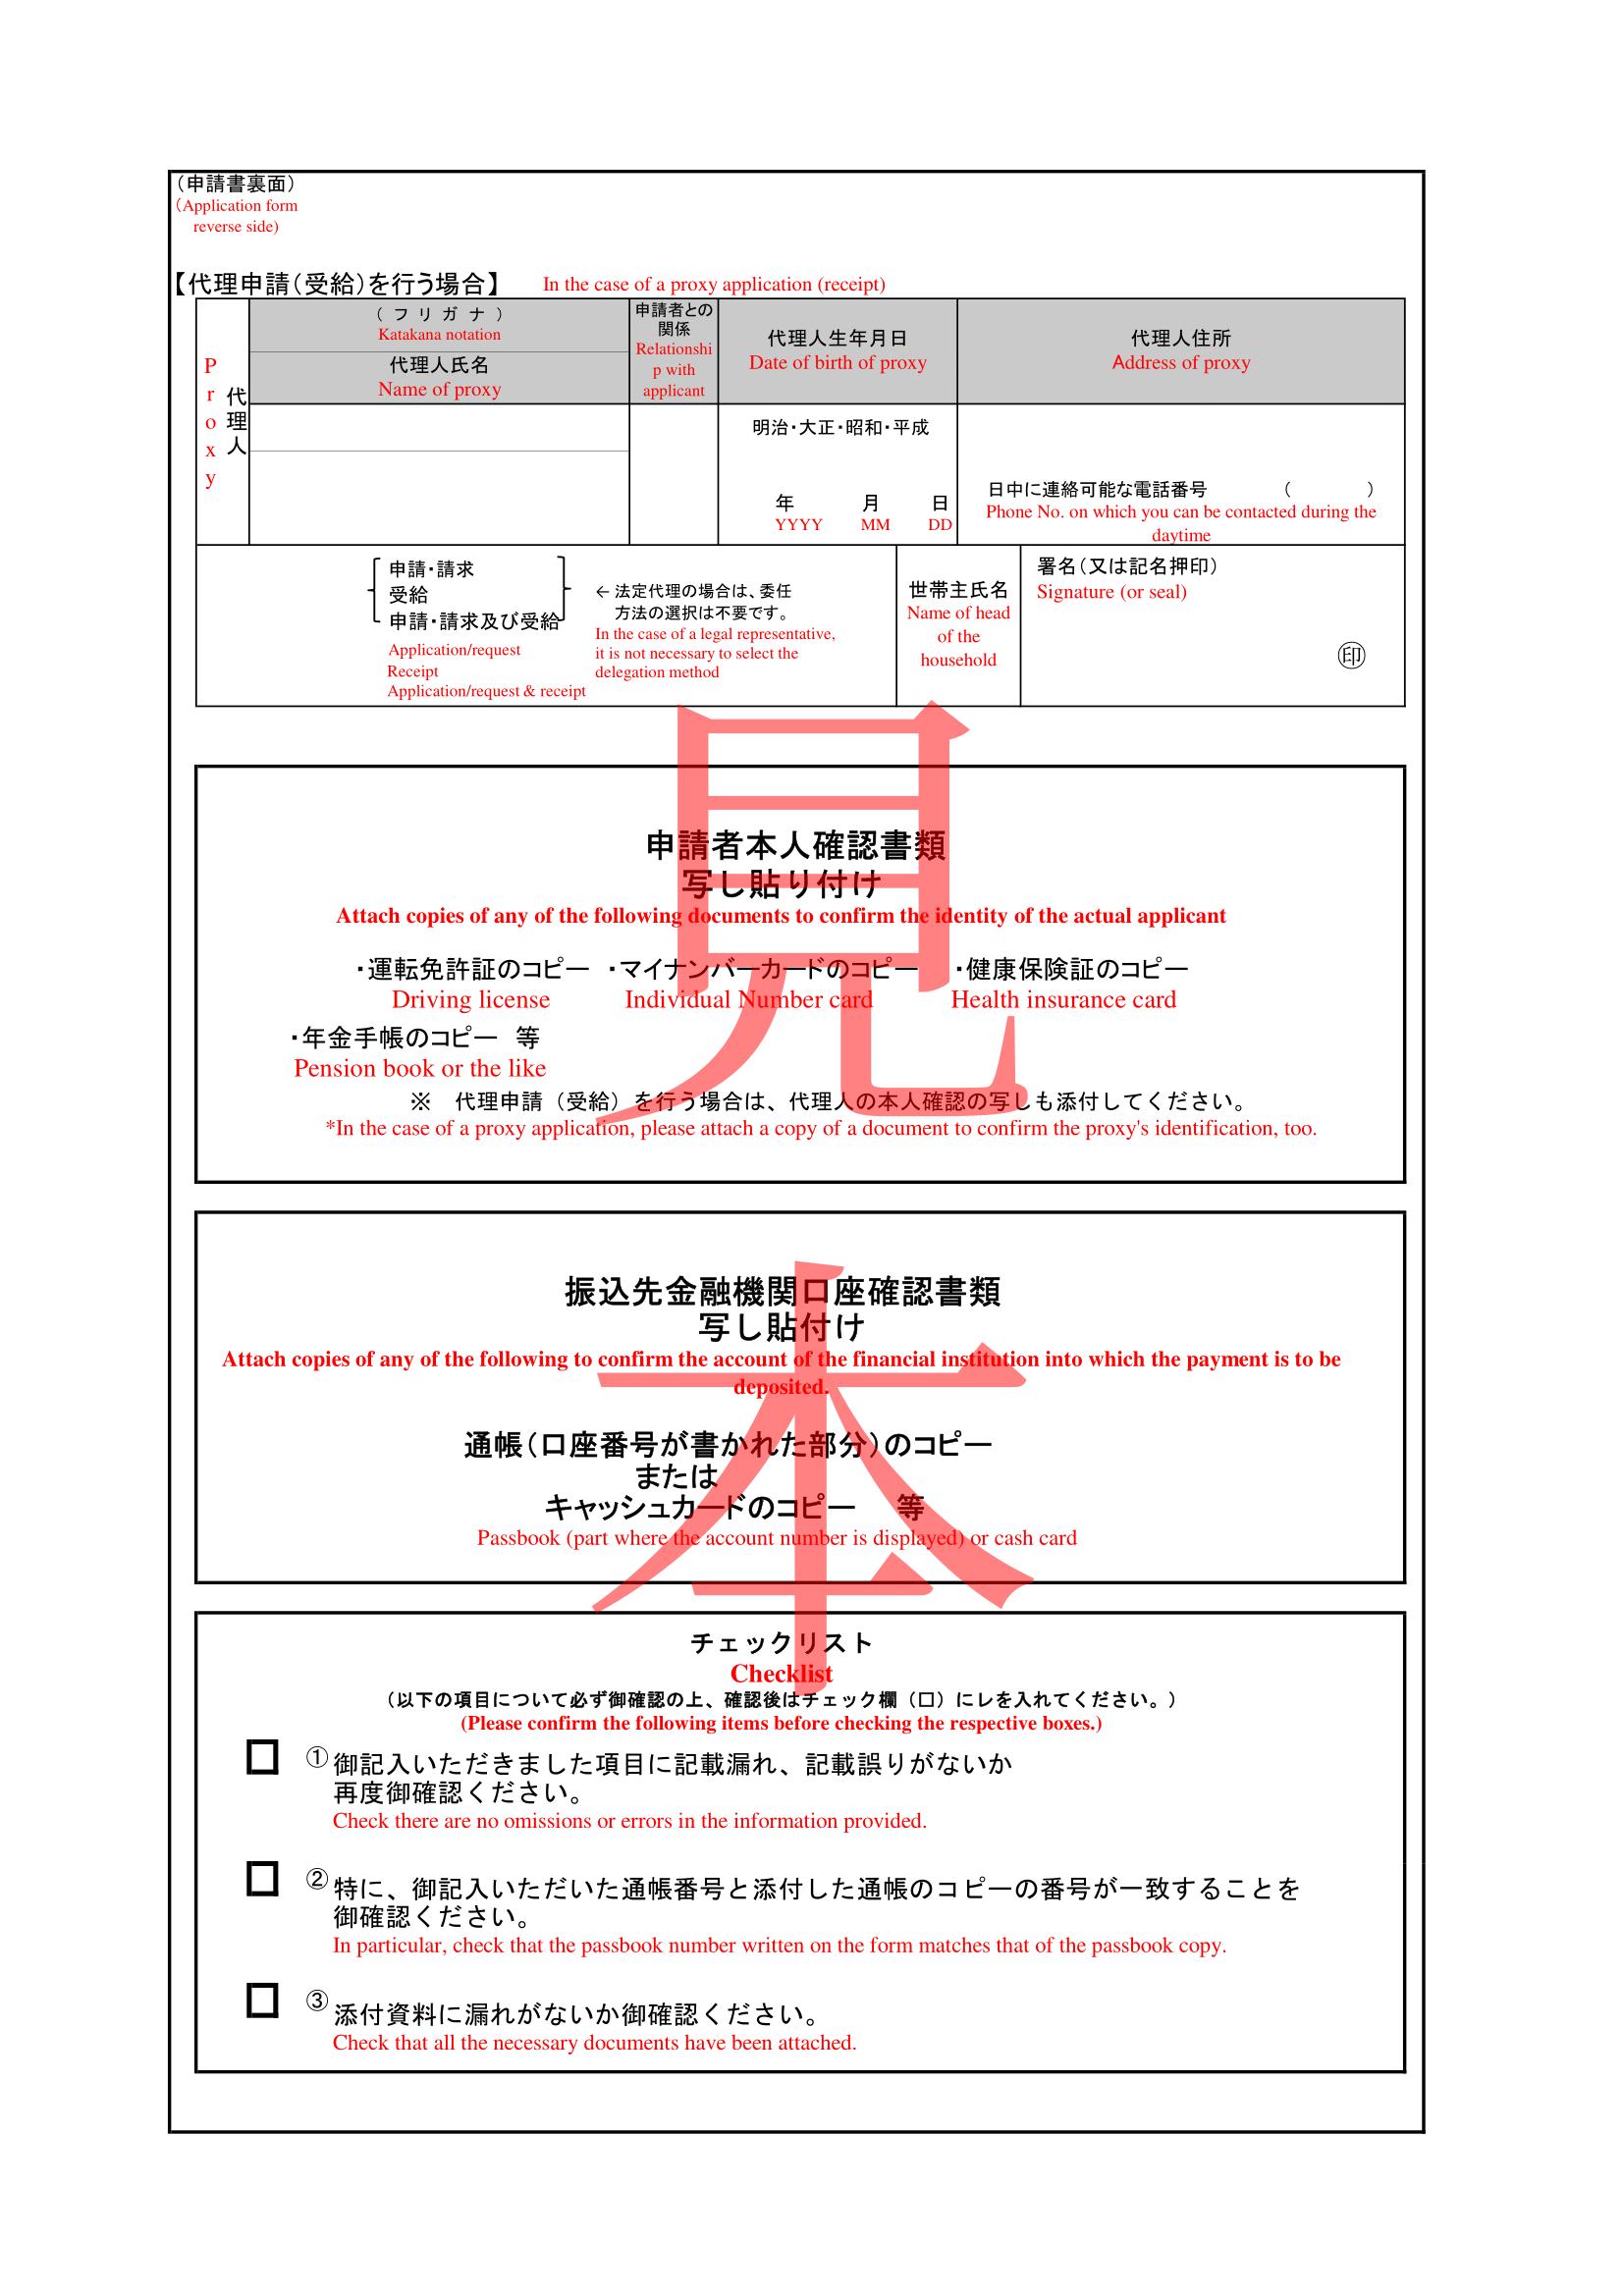 【外国人の皆様へ】定額給付金申請書の見本